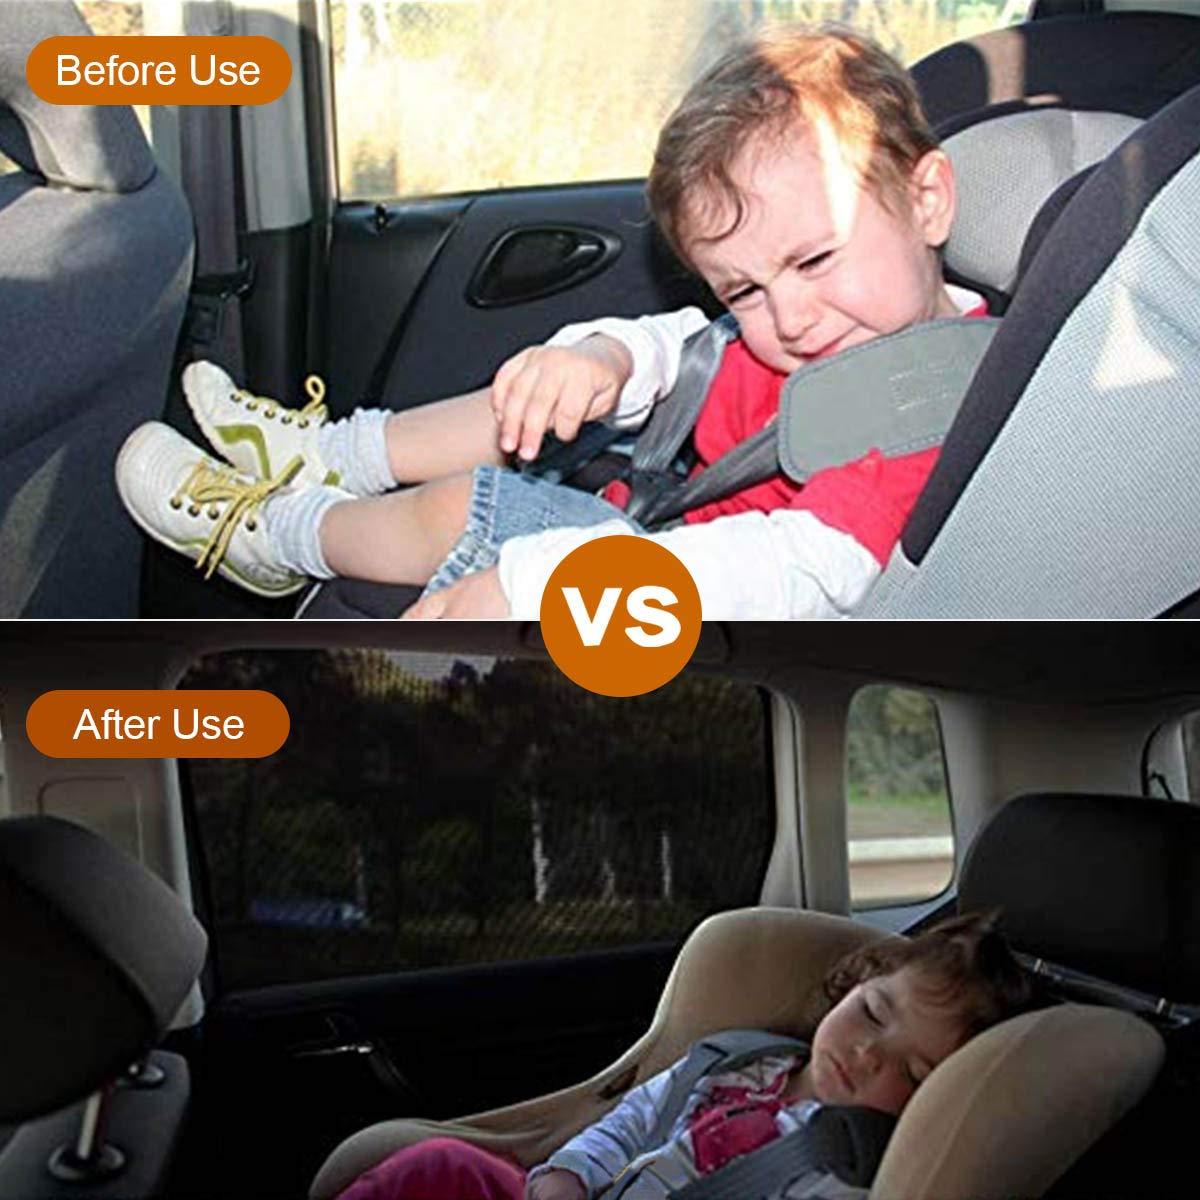 L MONOJOY 2 xAuto Sonnenschutz f/ür Baby Auto Sonnenschutz f/ür SUV Heckscheibe UV-Schutz Auto Sonnenschutz Mesh Protector f/ür Kinder Haustiere Universal Atmungsaktives Mesh Auto Vorh/änge f/ür Autos